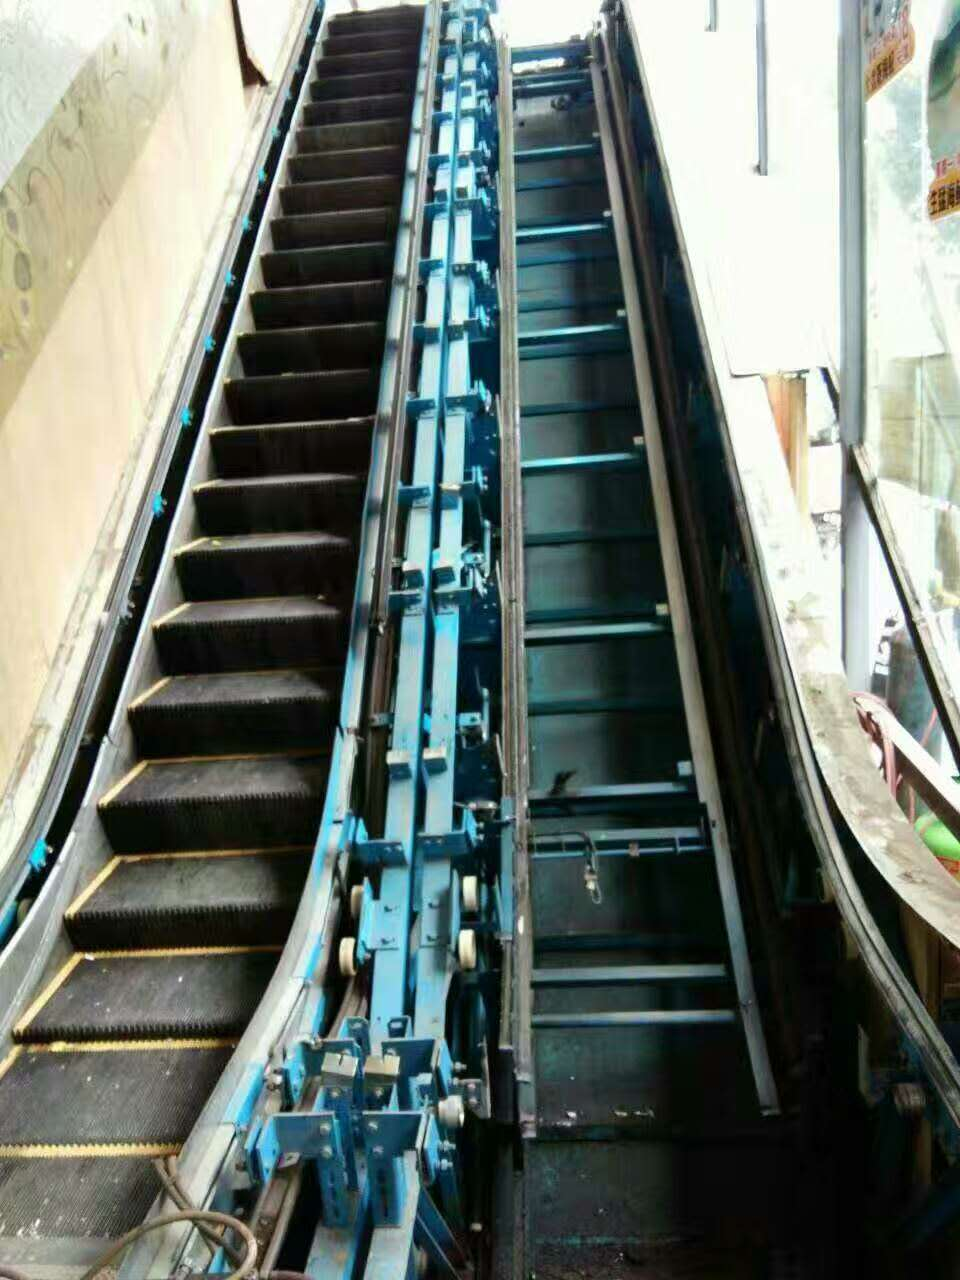 广东二手电梯回收  广东二手电梯回收拆除 东莞周边二手电梯回收哪家好 二手电梯回收价格 回收二手电梯